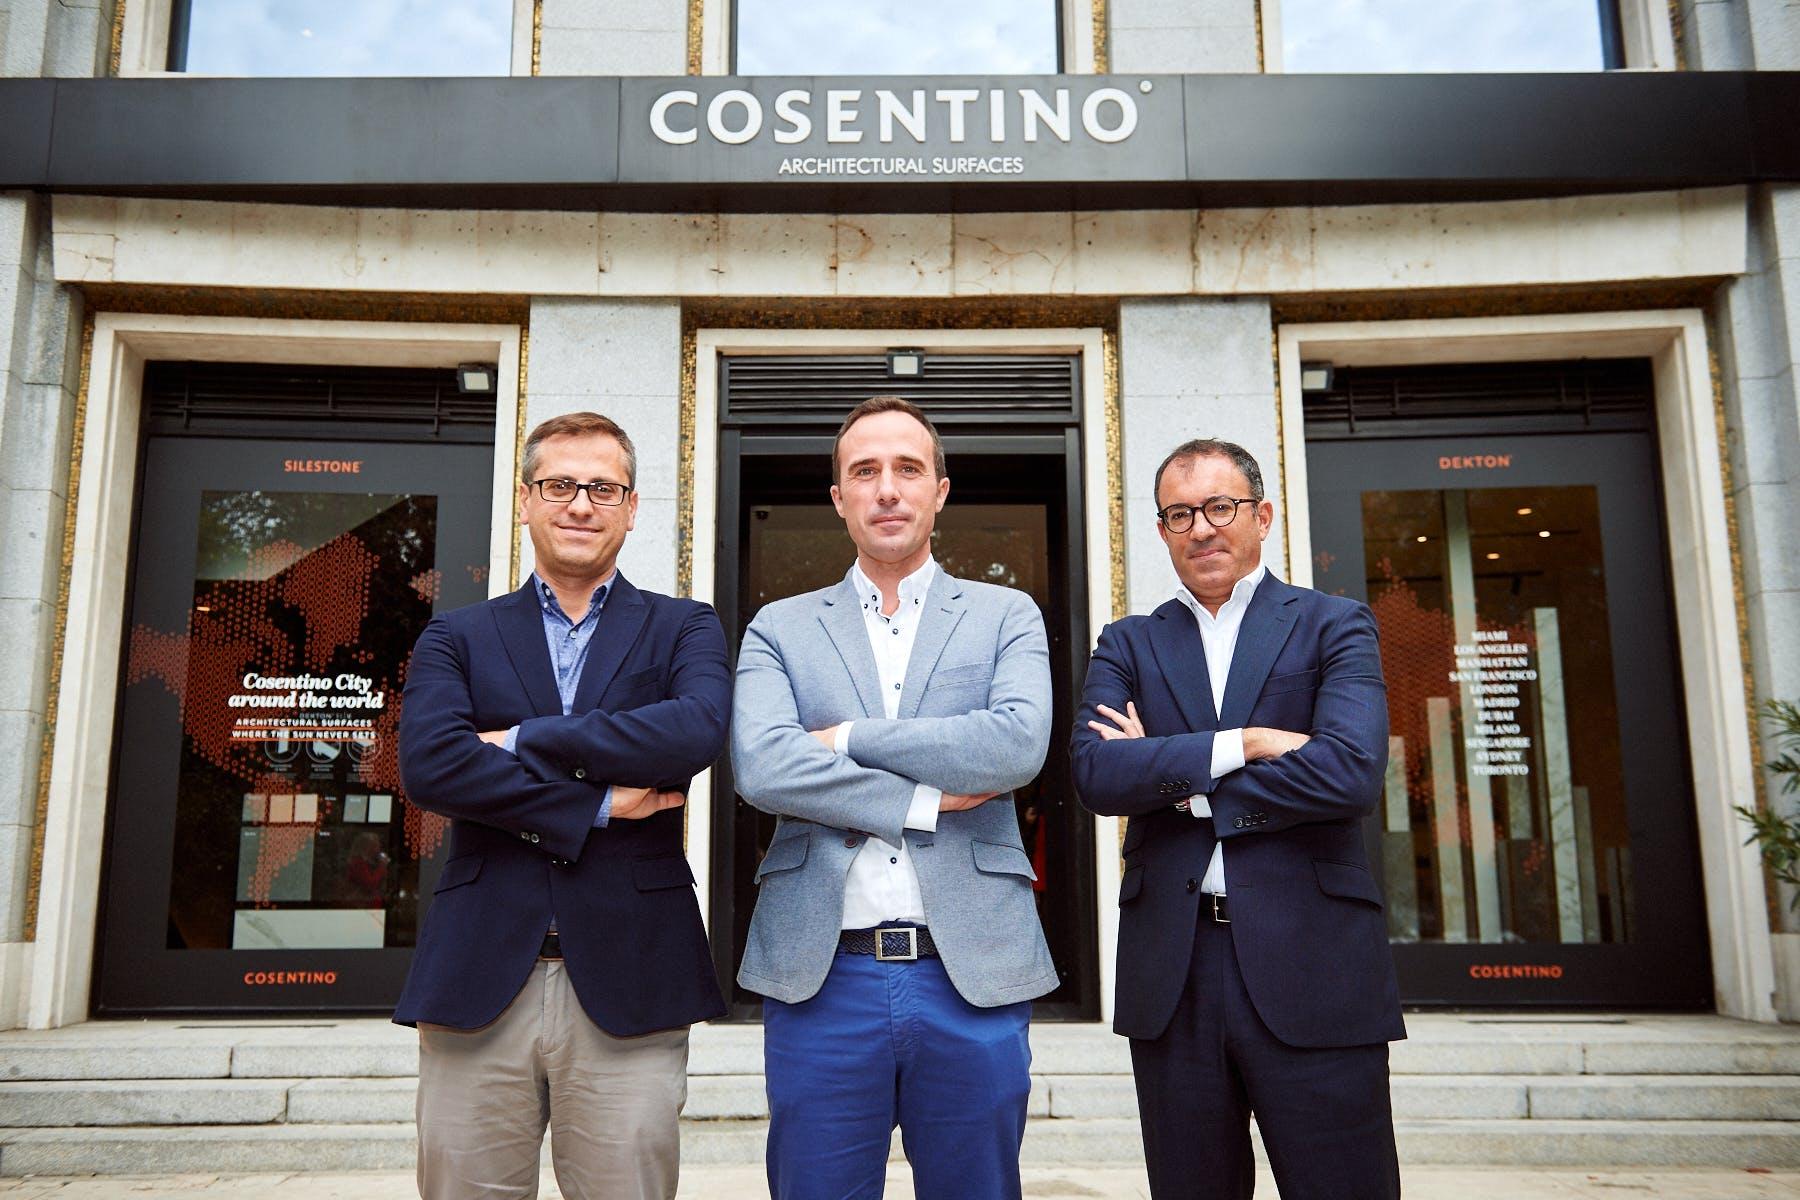 Image of Antonio Urdiales Julio Martin Ivan Martin evento Cosentino City Madrid 2 in Cosentino talks about the future of Purchasing - Cosentino